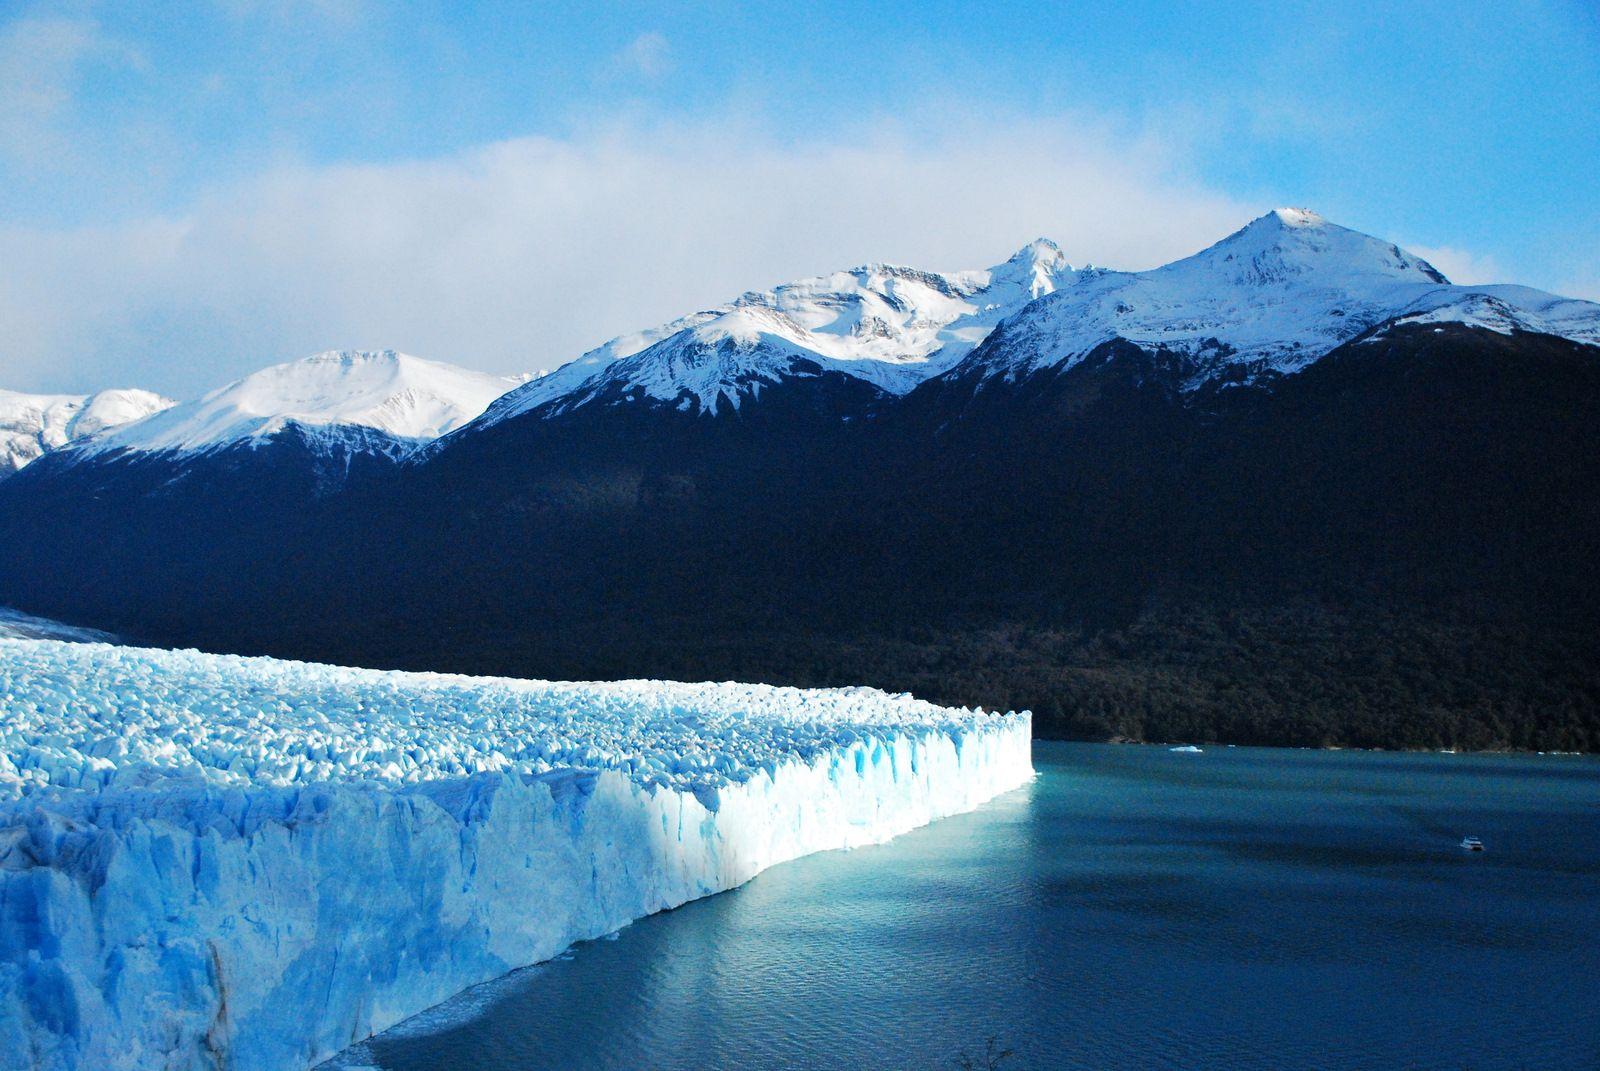 【旅行】一起走到世界的盡頭:南美洲極地之旅